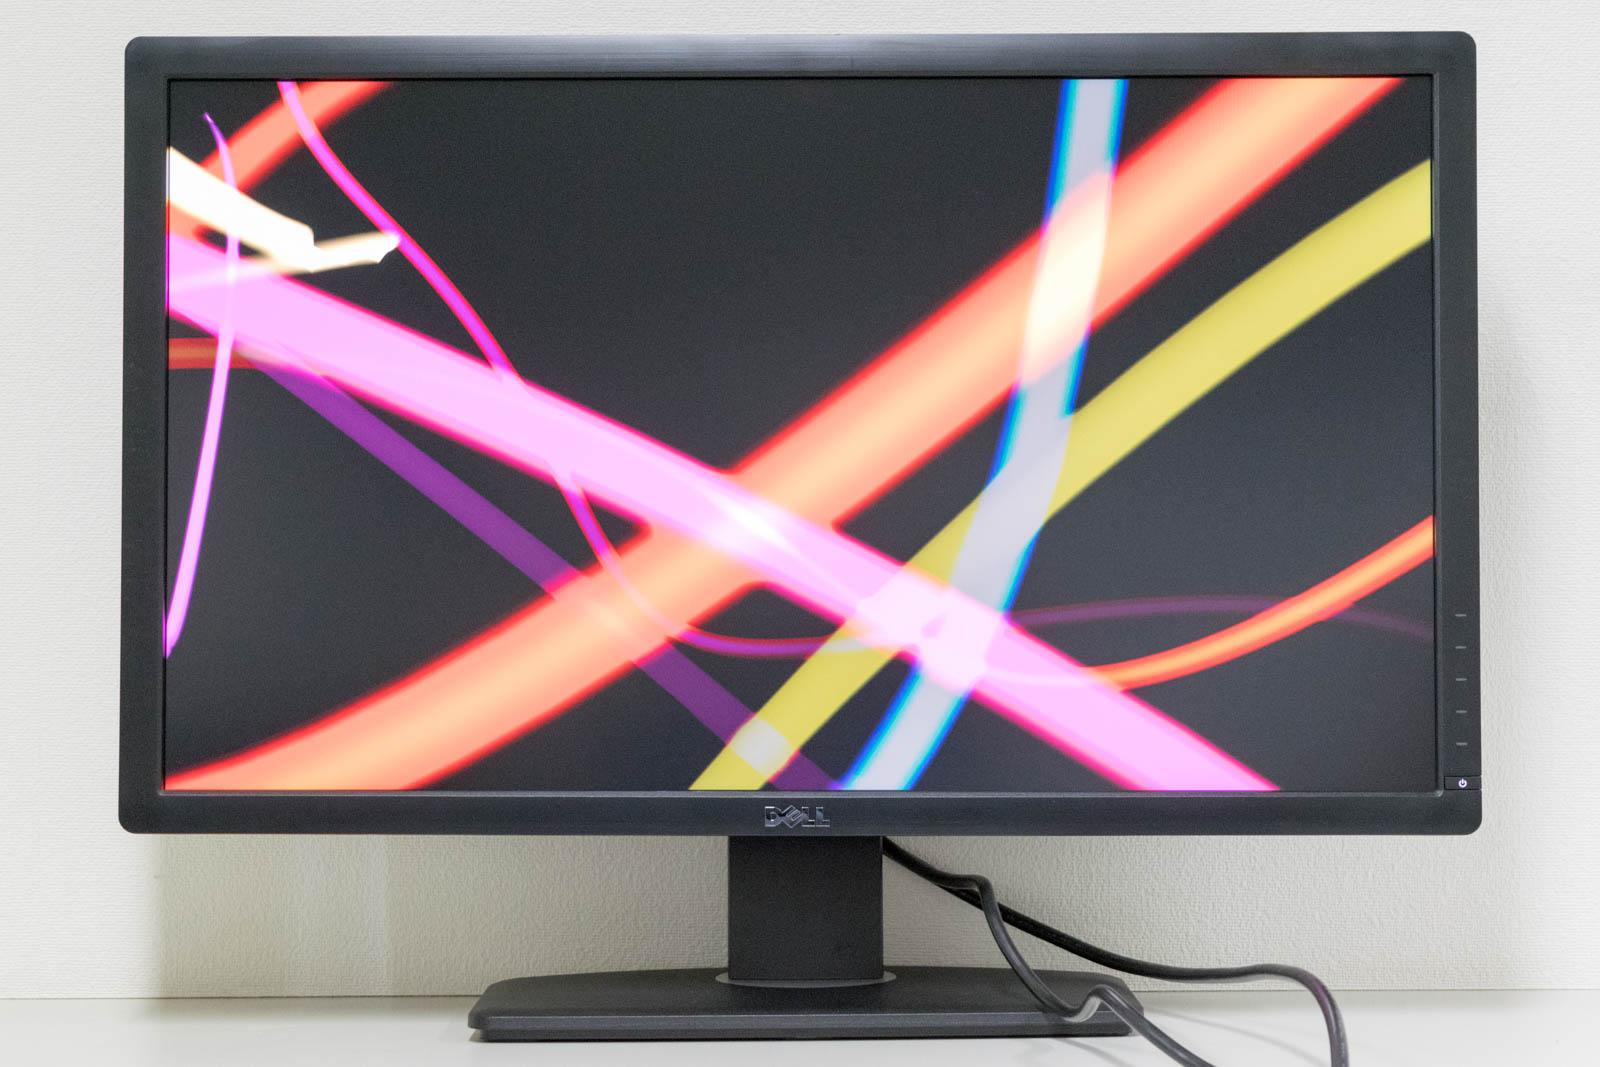 DELL U2713H 27インチ(2560x1440) WQHD LEDバックライトカラー液晶モニター 【中古】